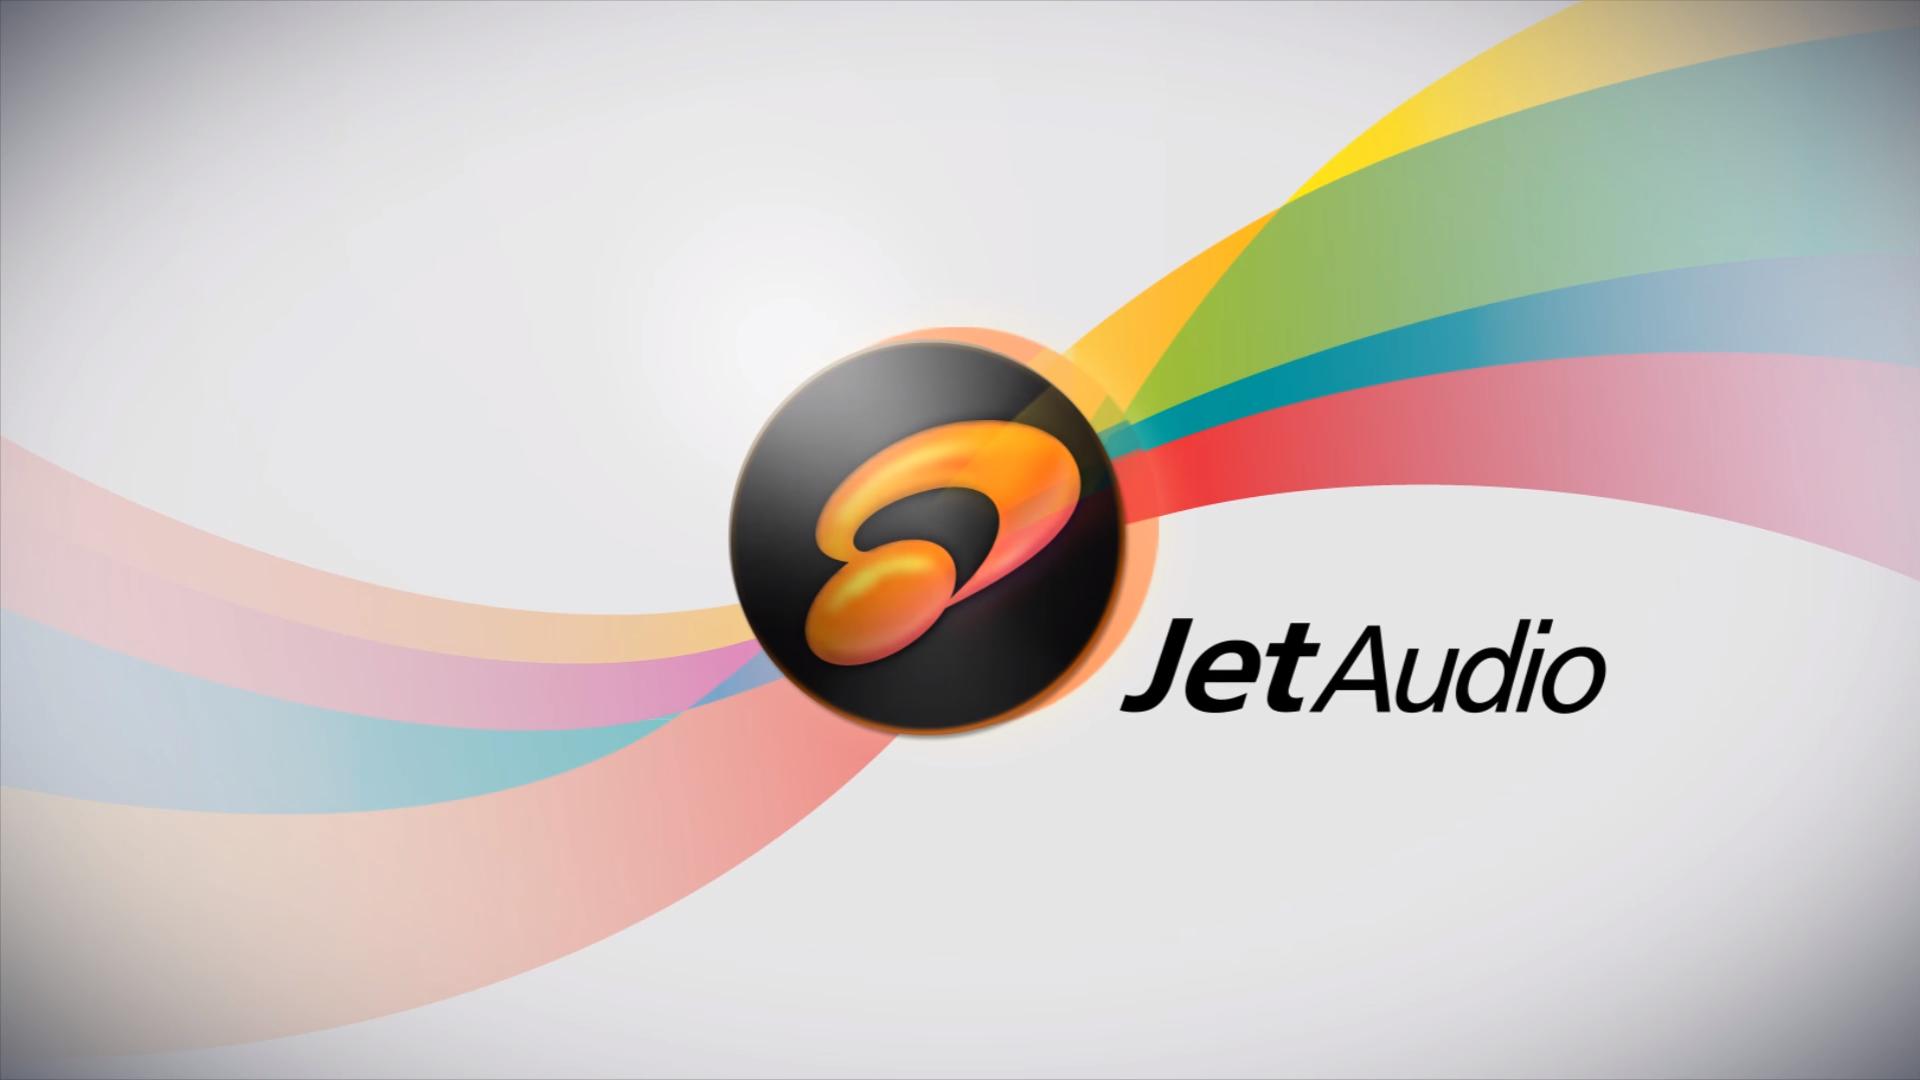 Download jetAudio for Windows